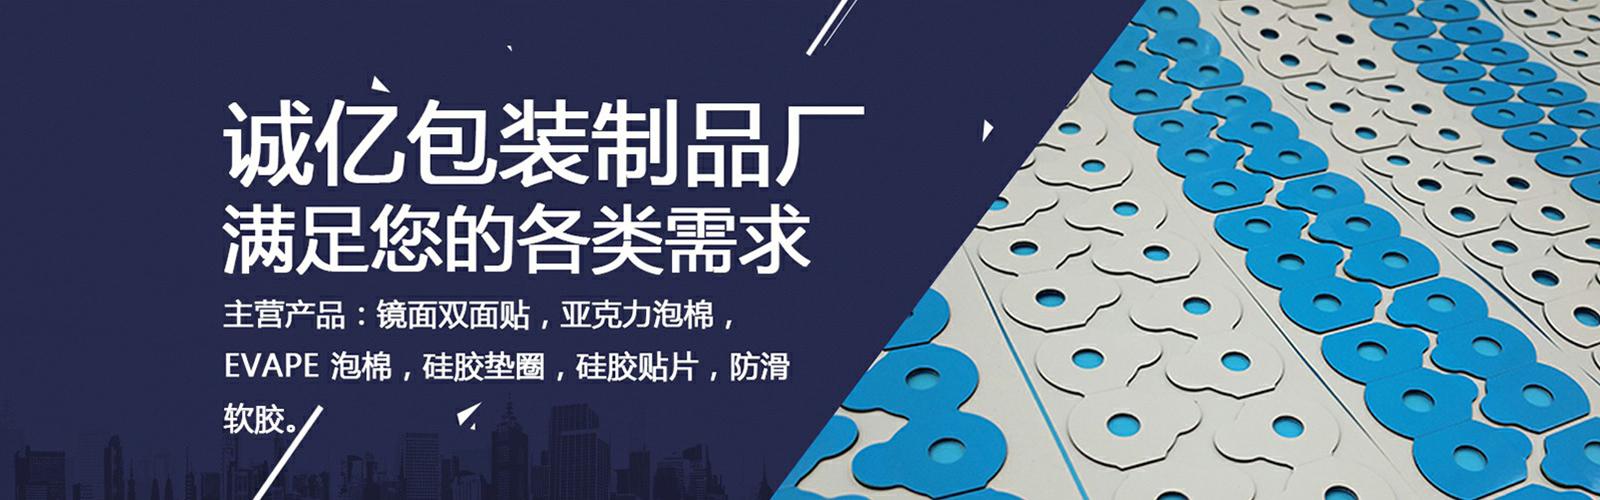 东莞市塘厦诚亿包装制品厂